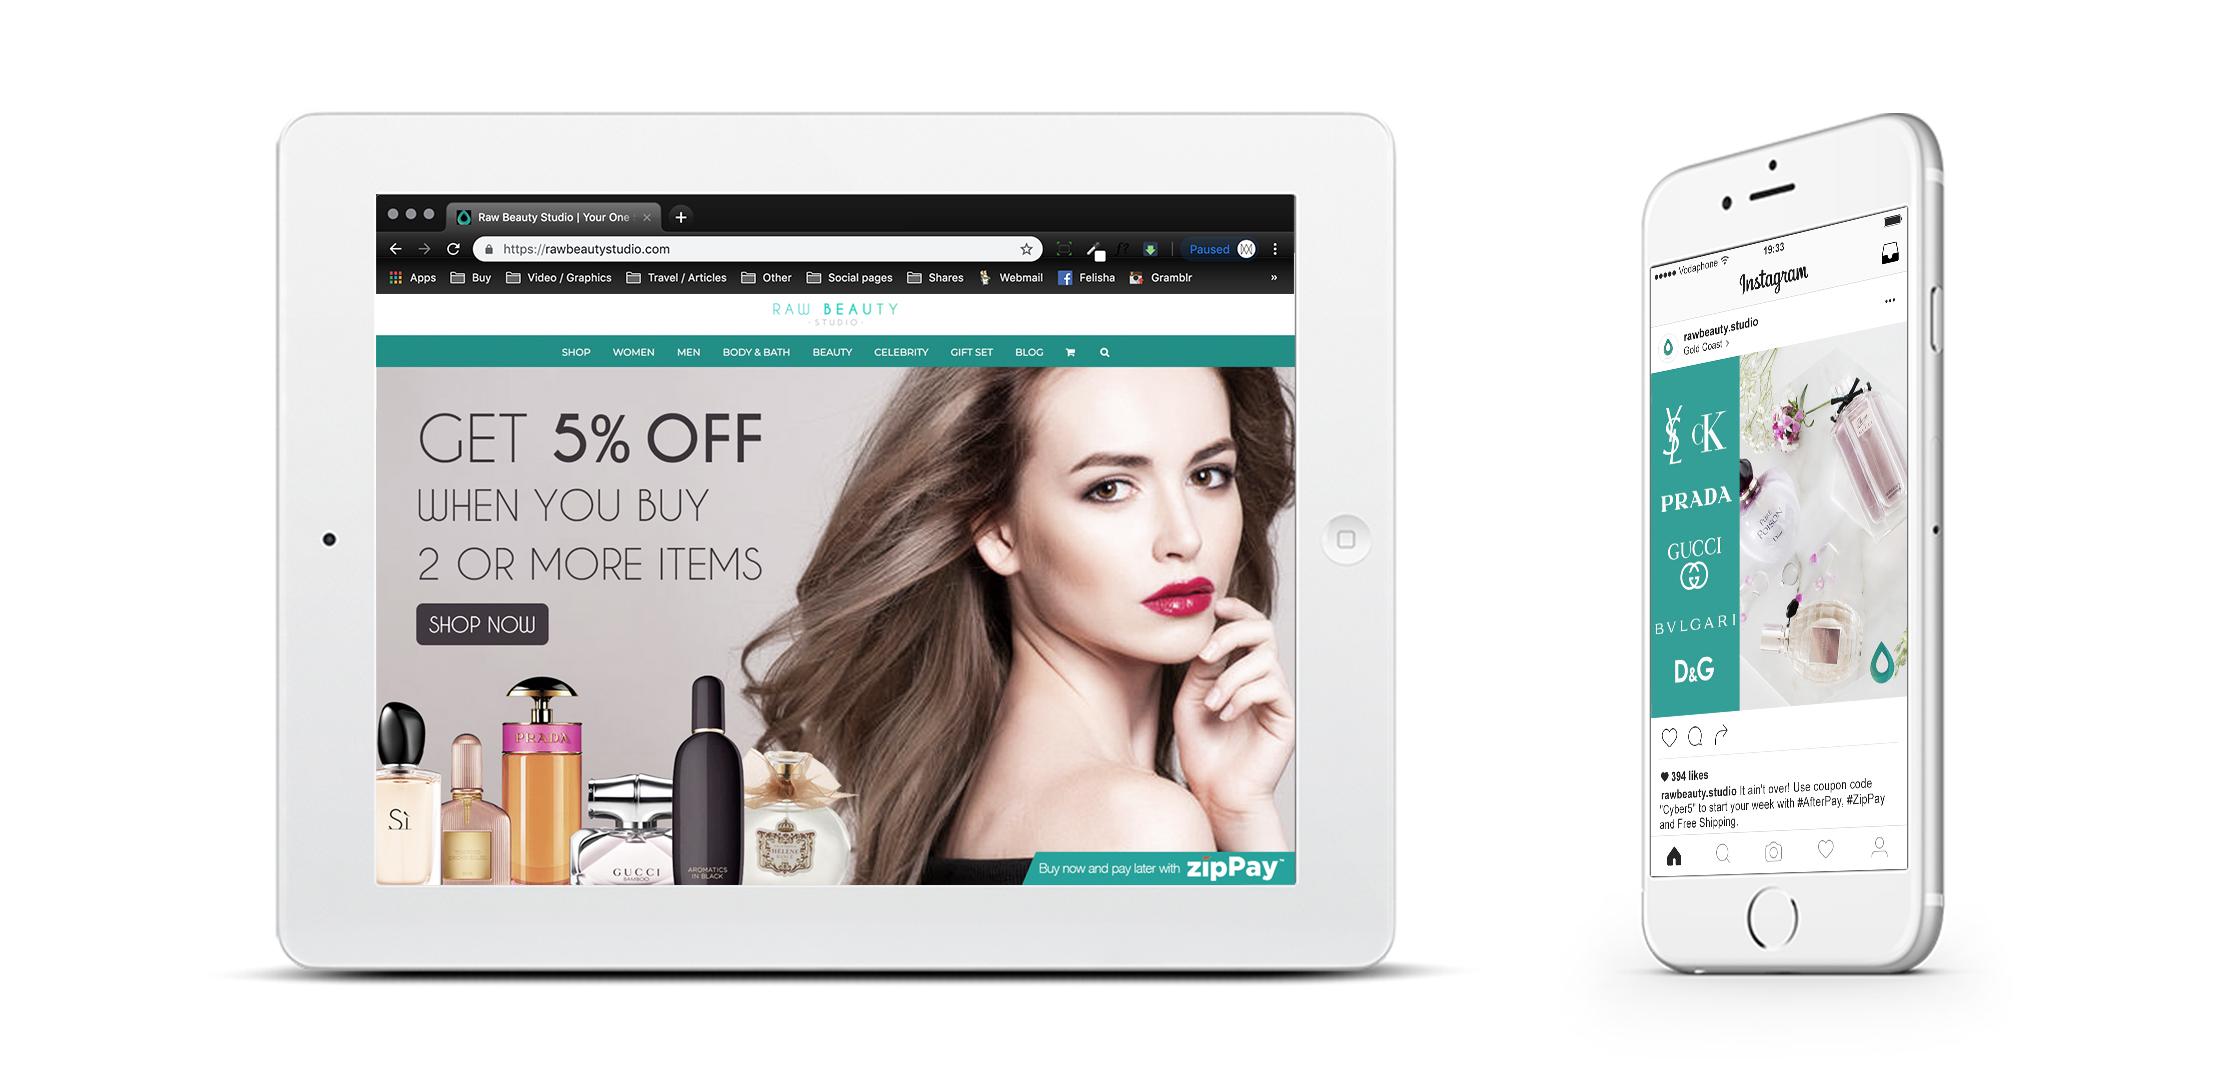 Digital-Design-marketing-promotion-page